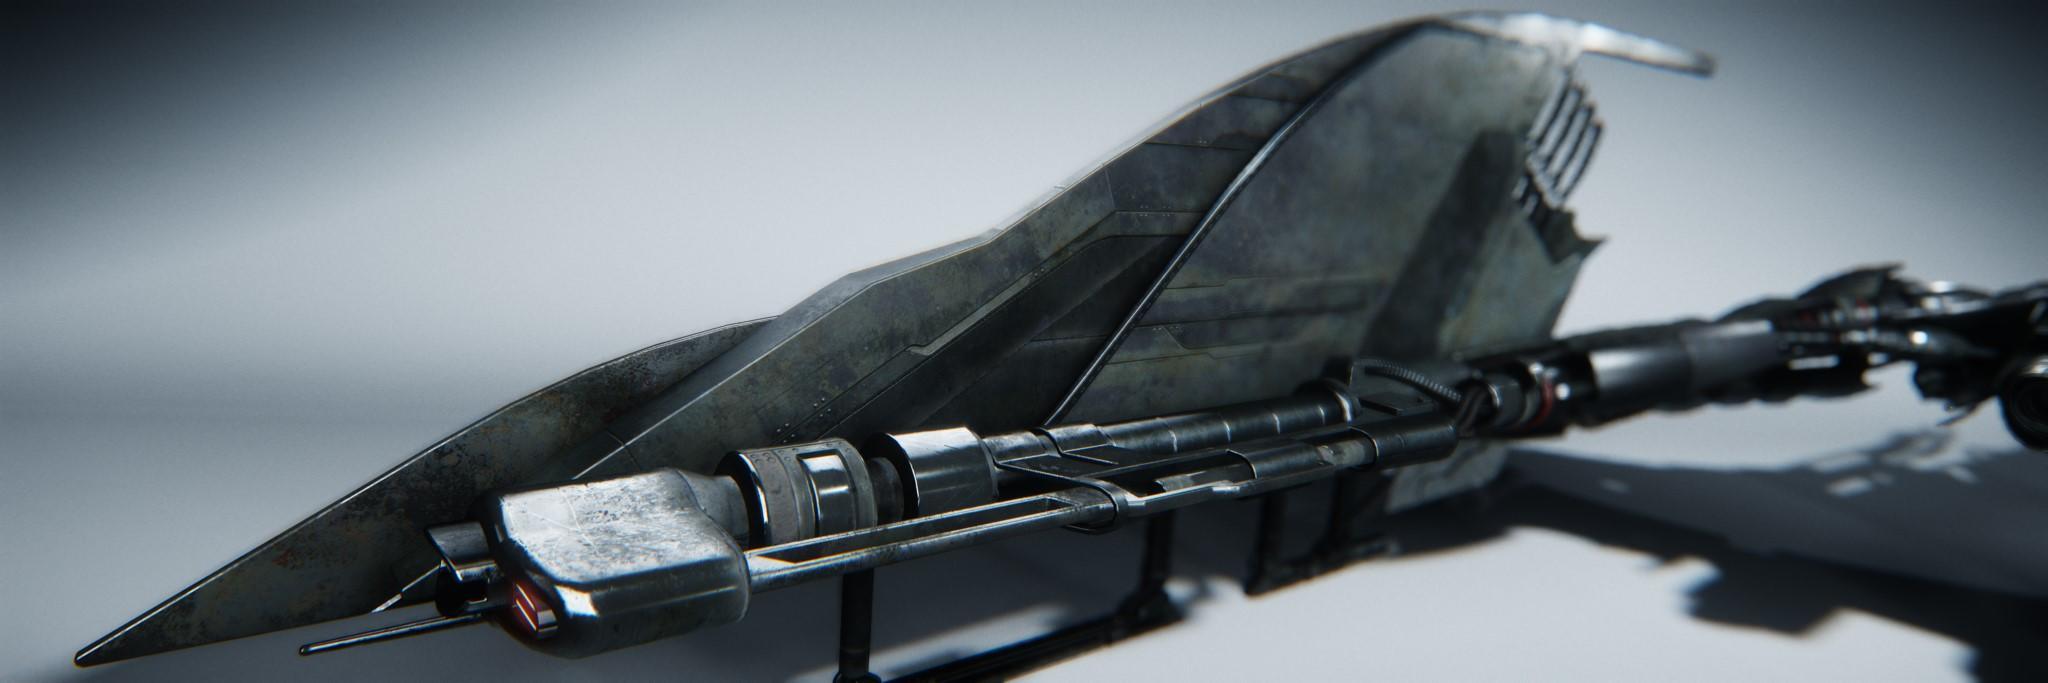 Vanduul Scythe - uzbrojenie